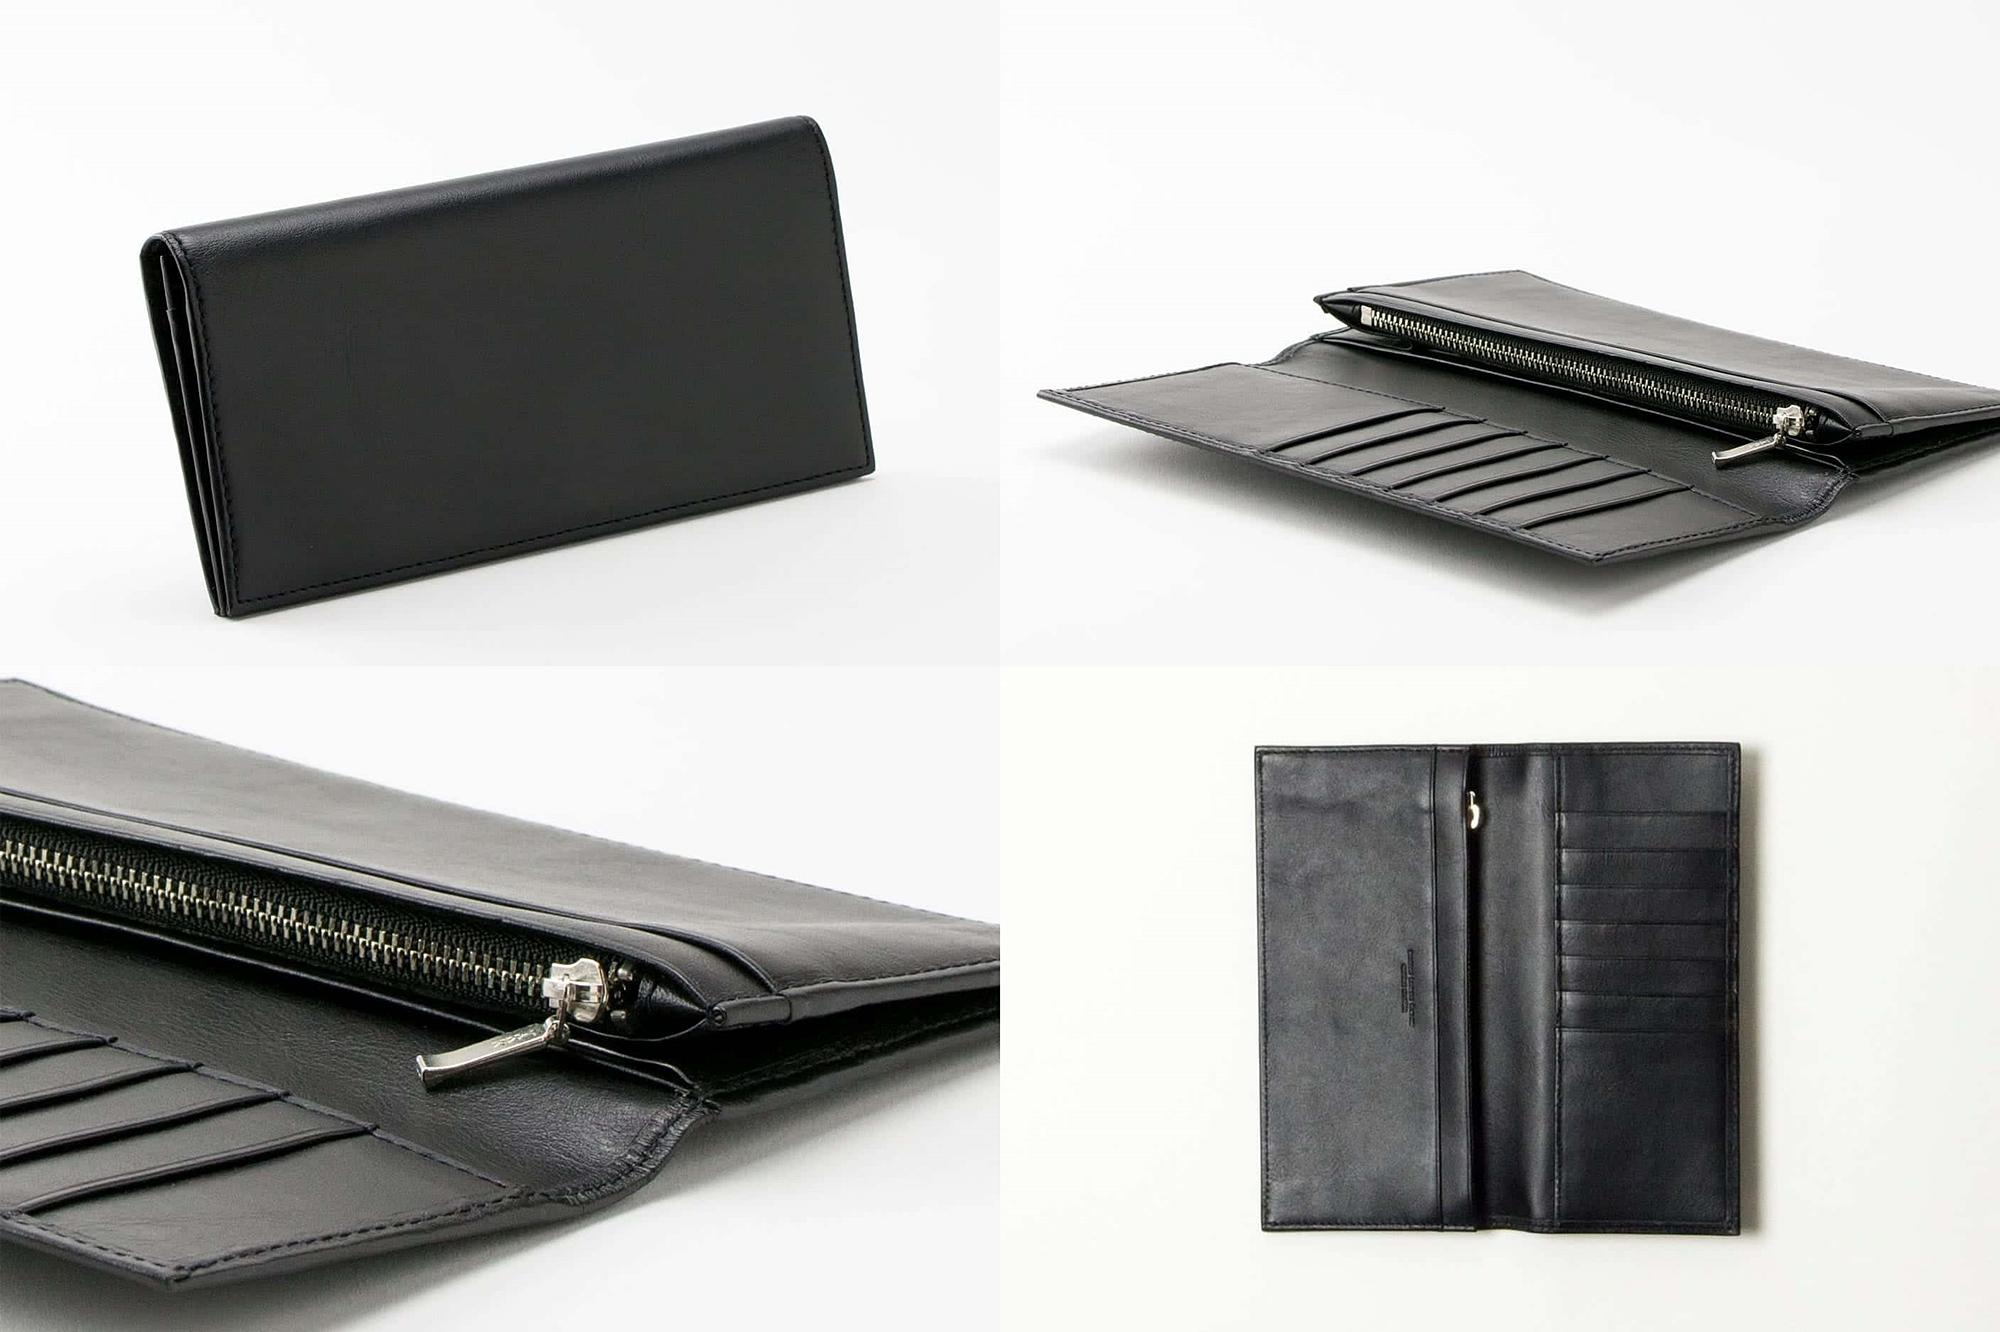 長財布(小銭入れあり)Business Leather Factory(ビジネスレザーファクトリー)財布 仕様